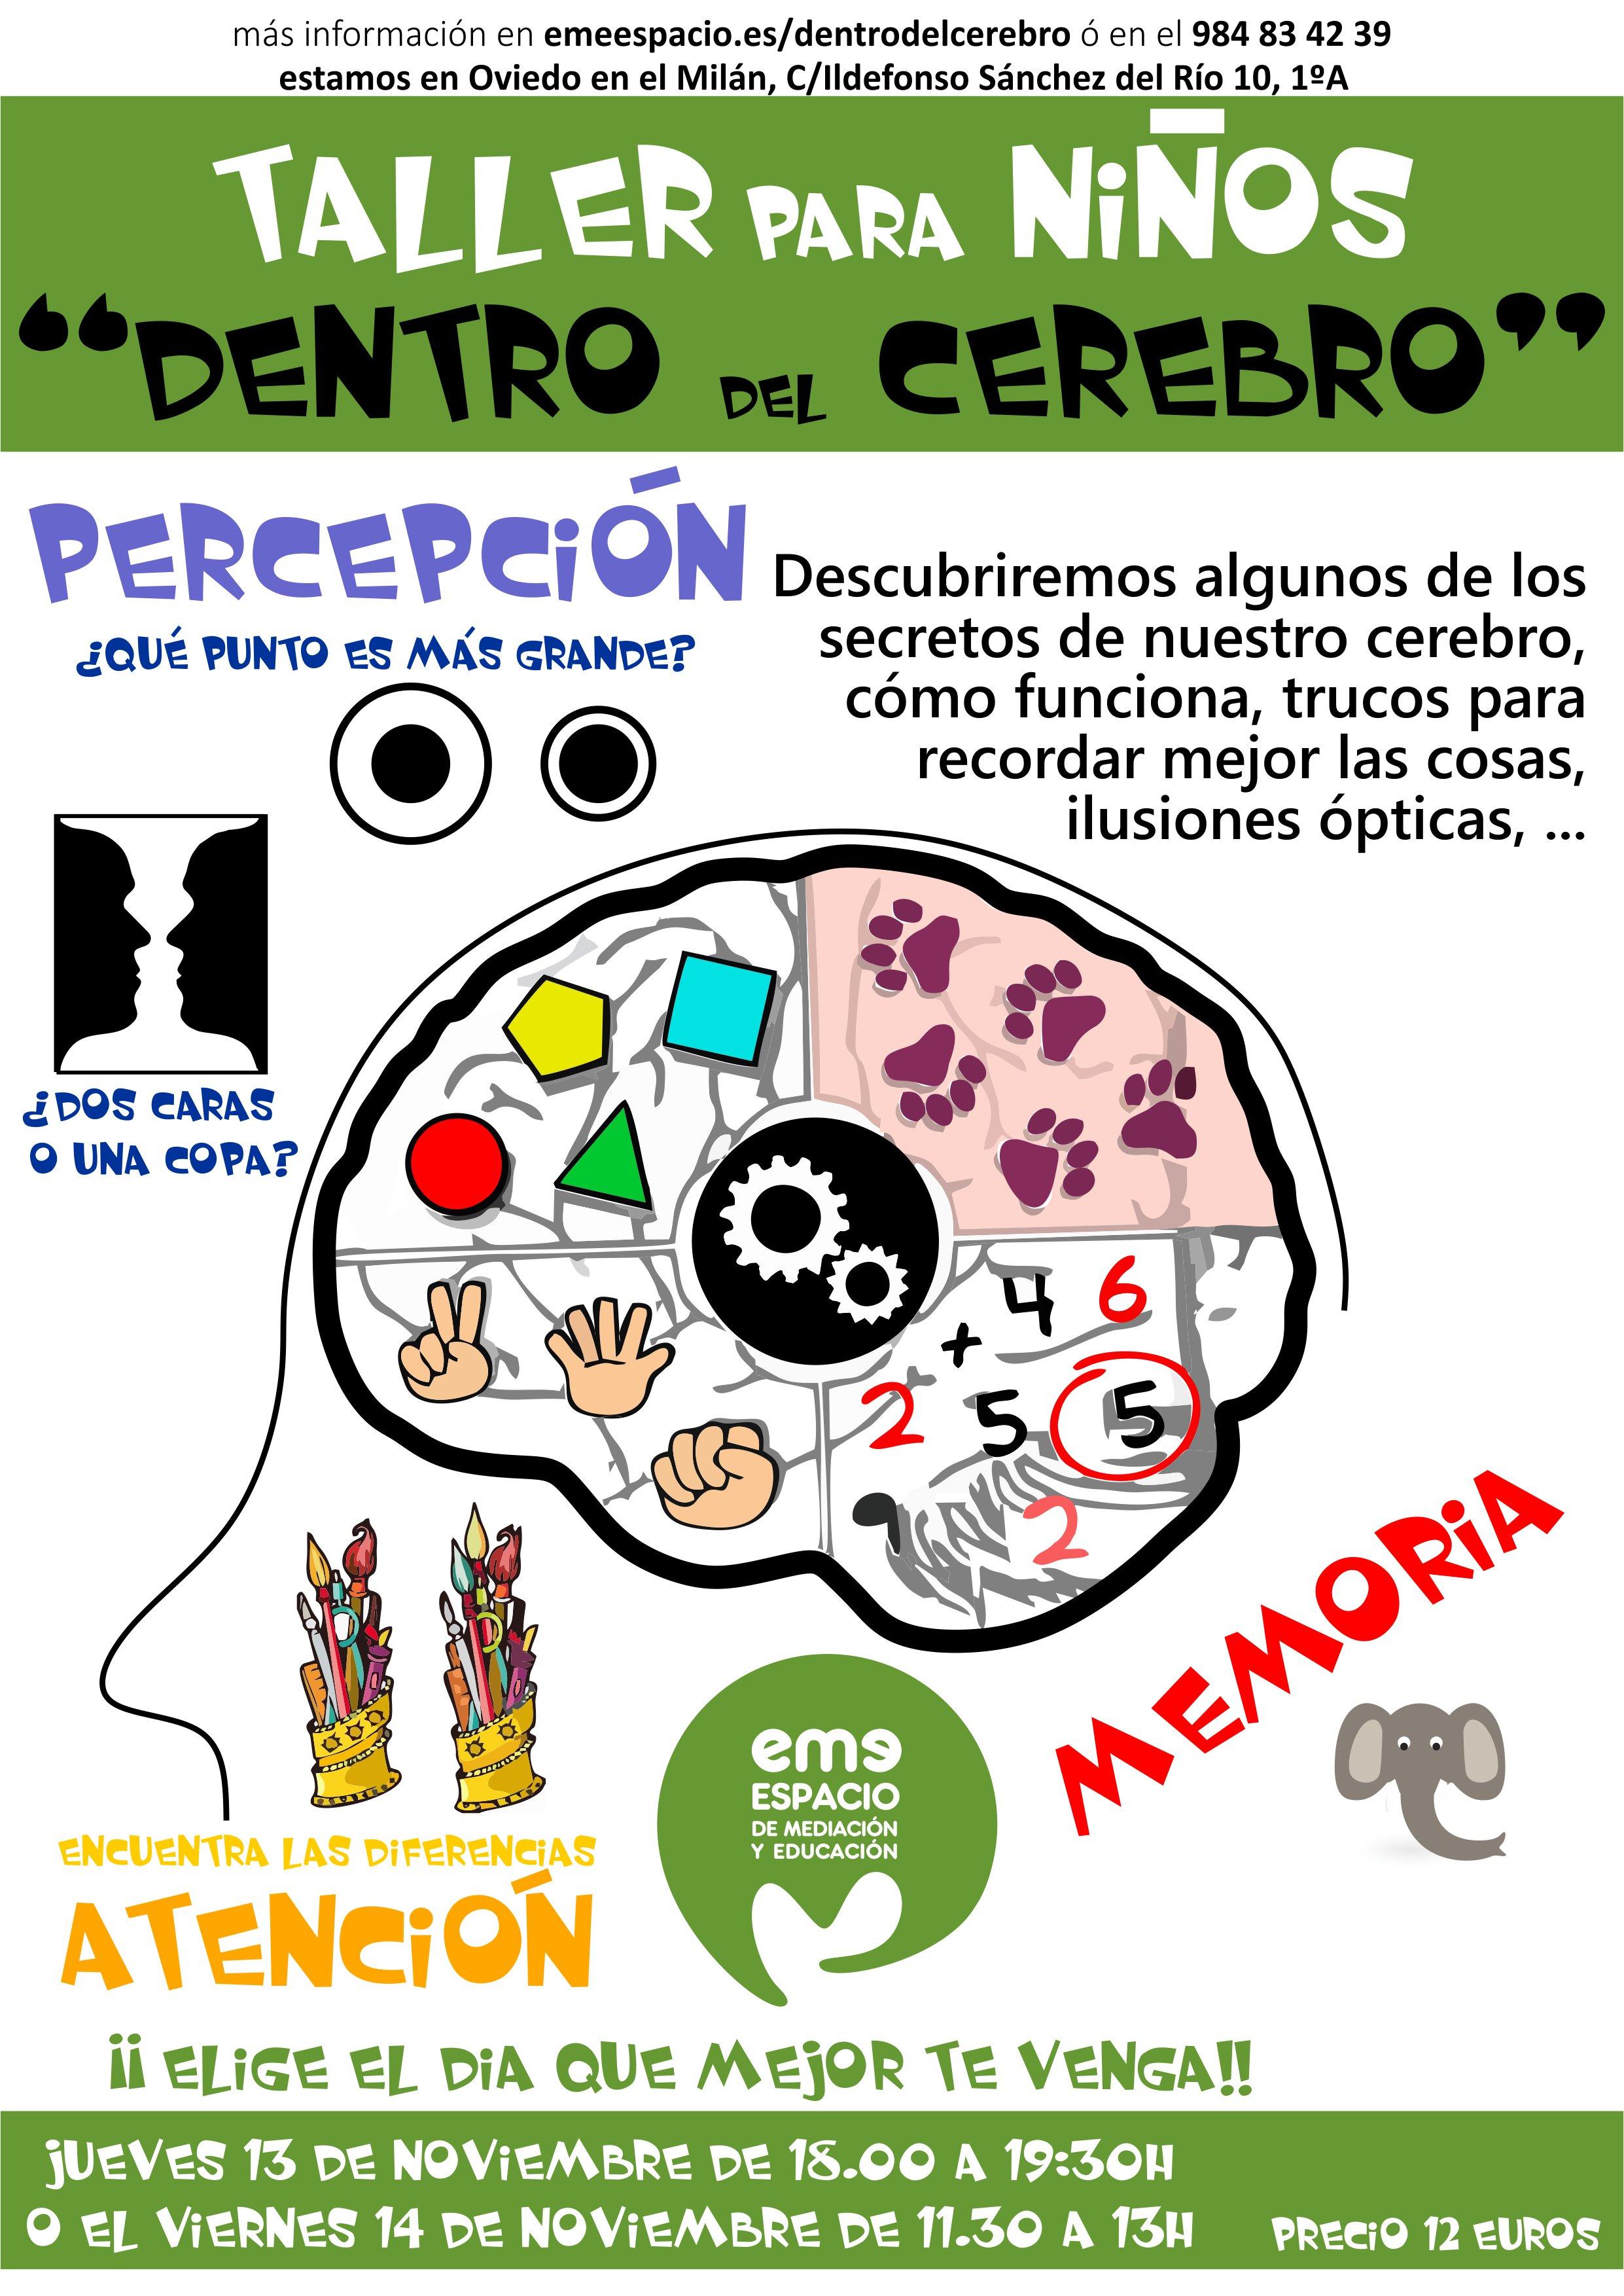 dentro del cerebro 2DIAS